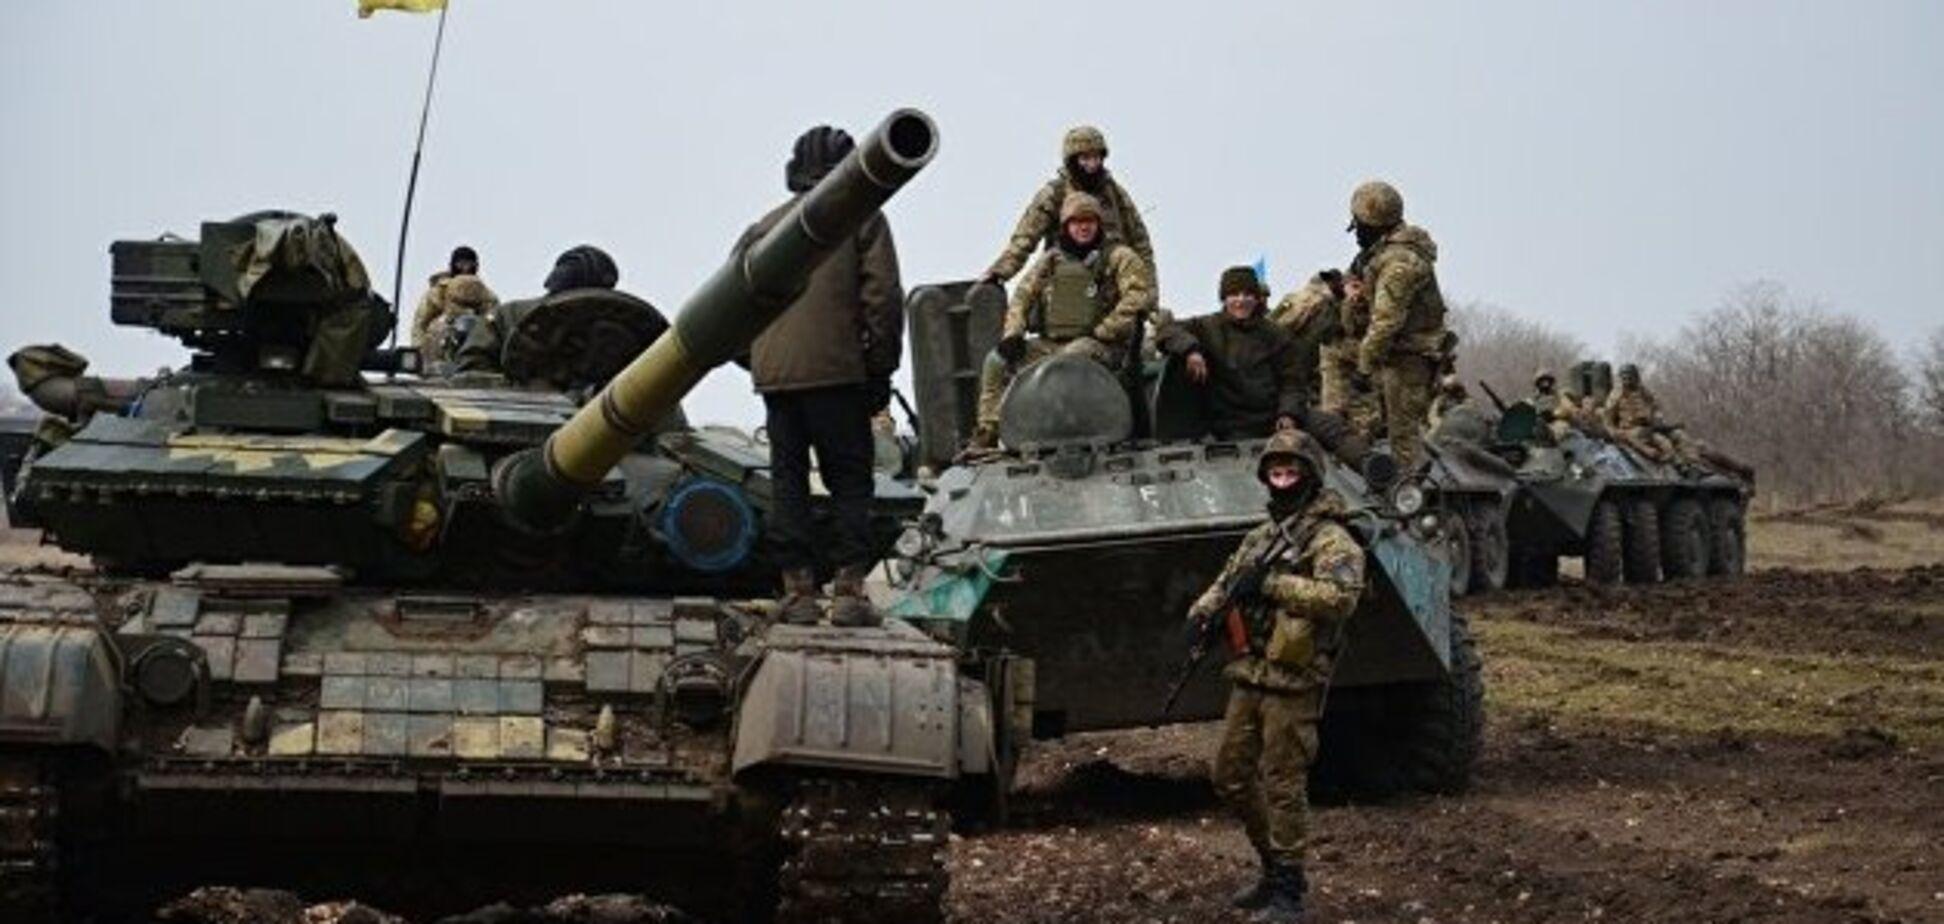 Війна за незалежність: бійці ОС жорстко покарали терористів на Донбасі